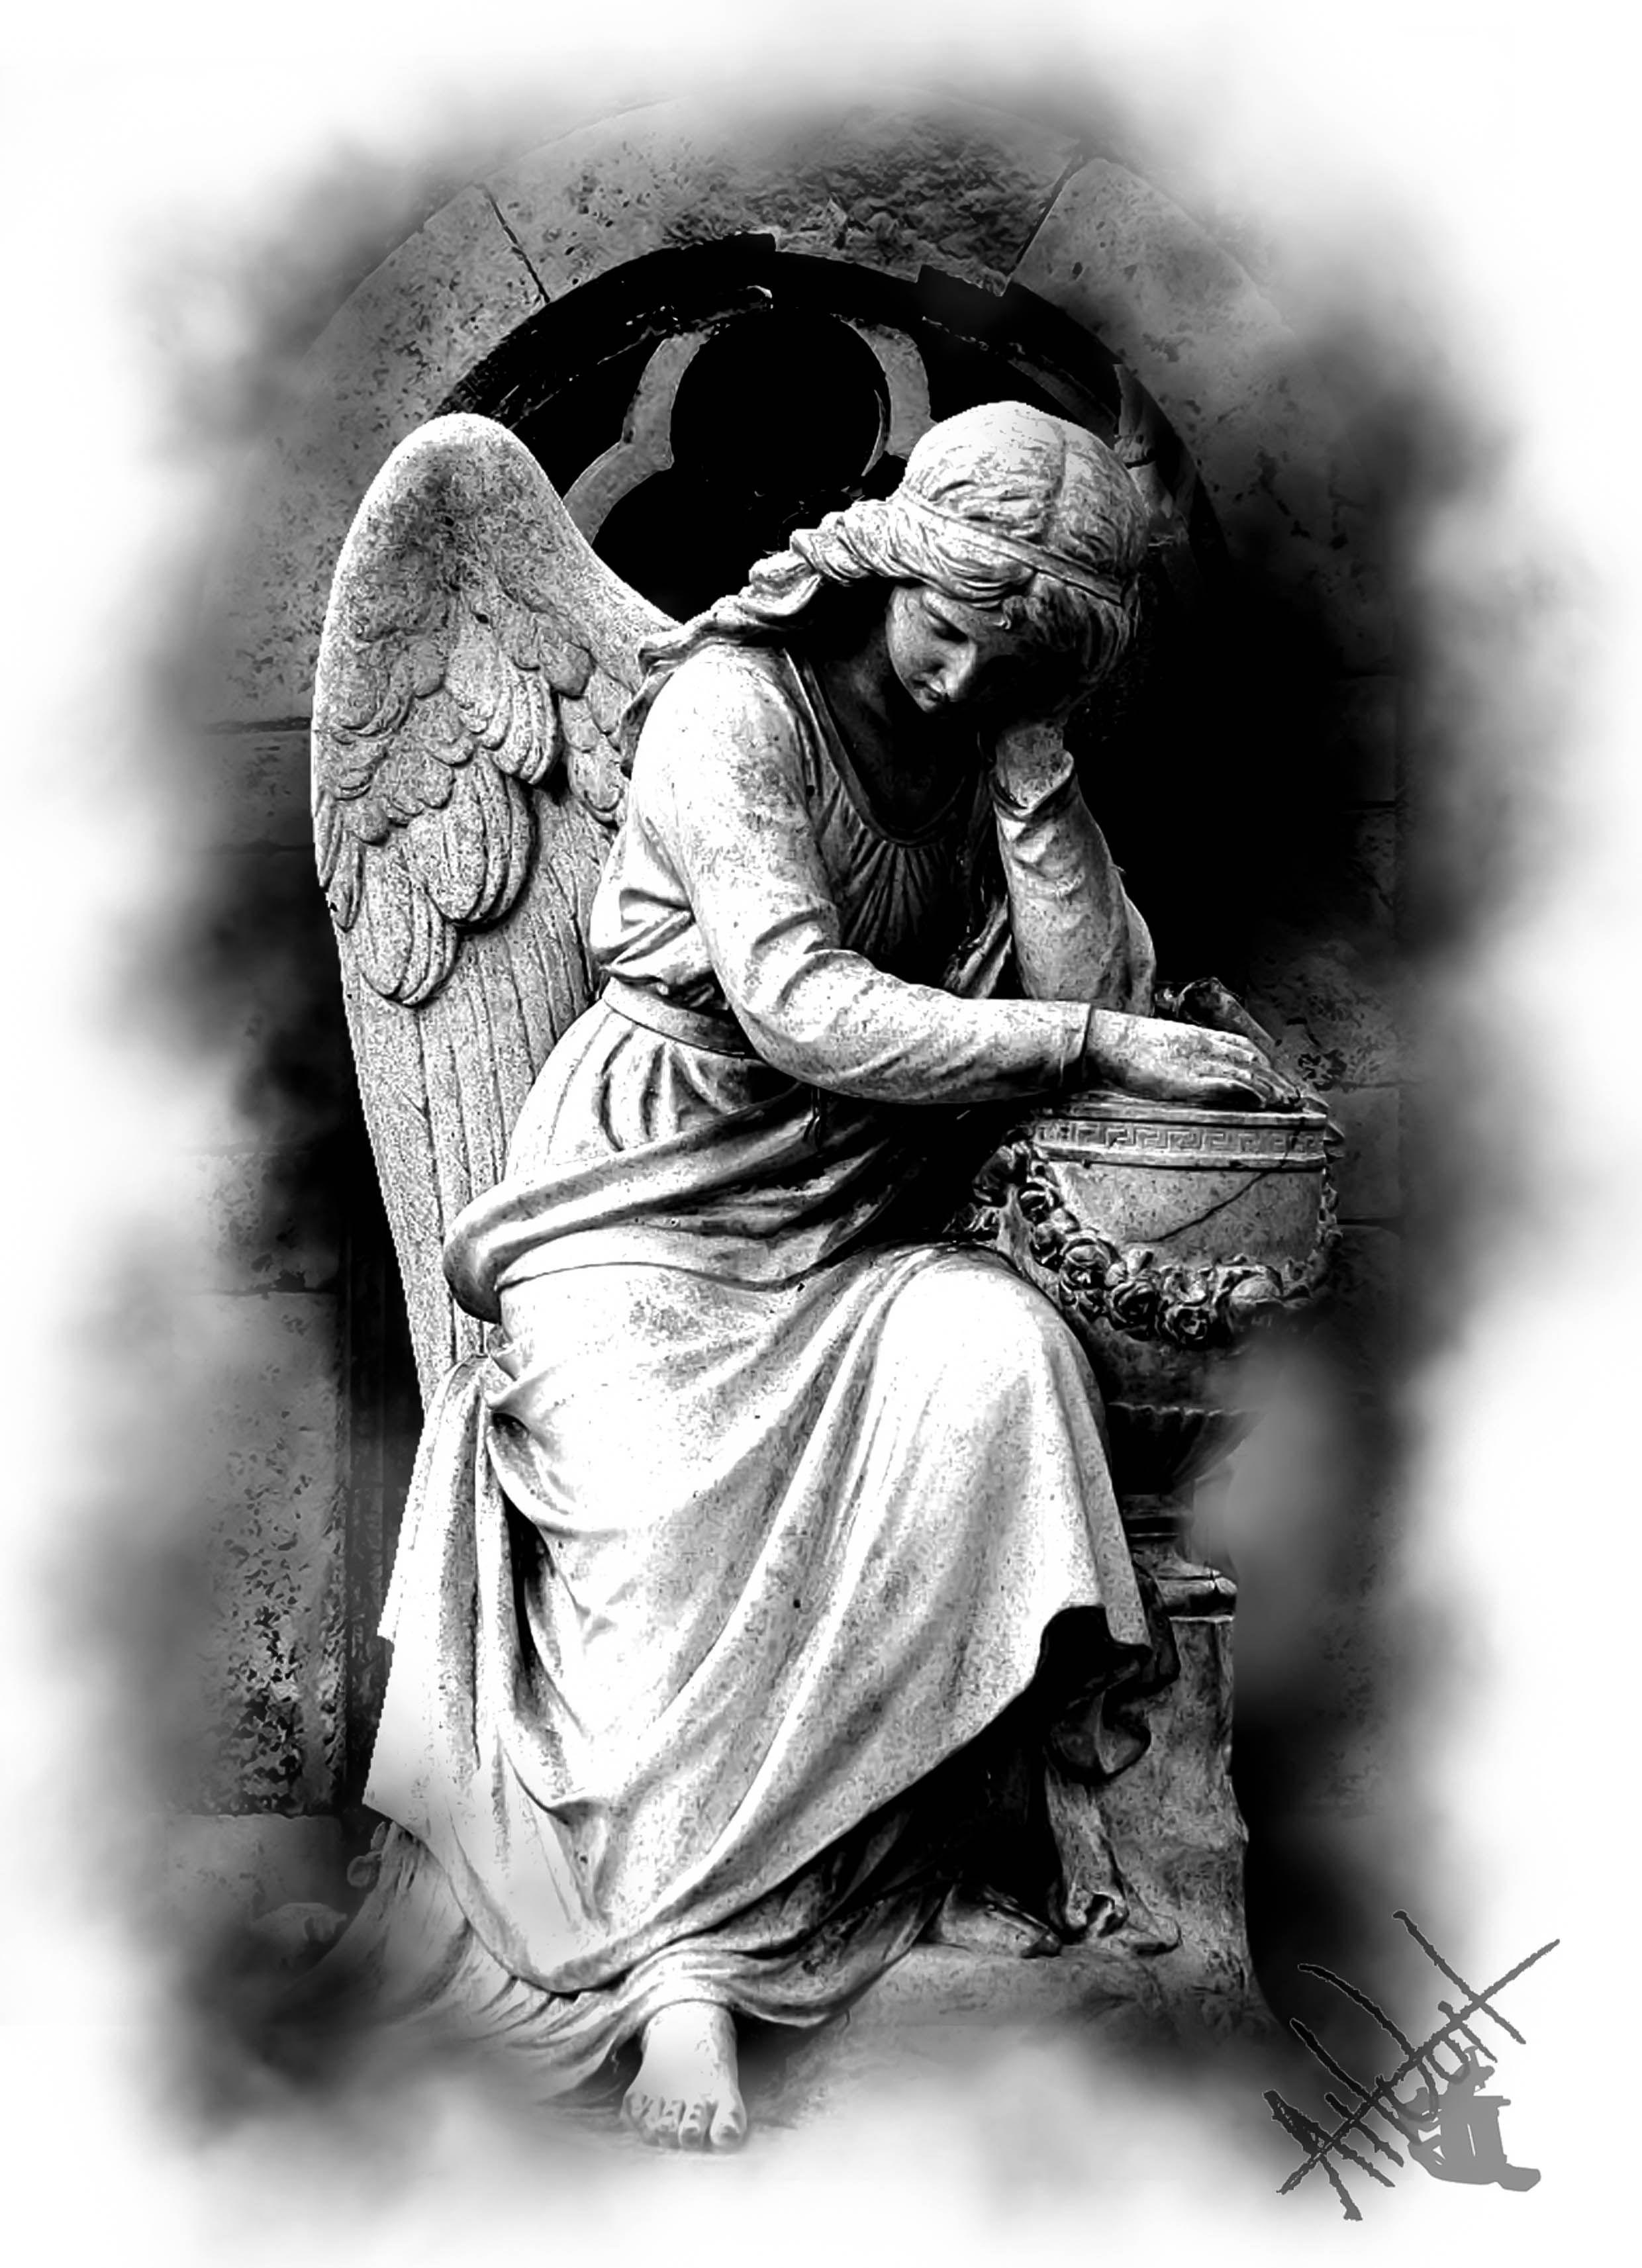 angel statue tattoo design | tattoo design | Statue tattoo ...